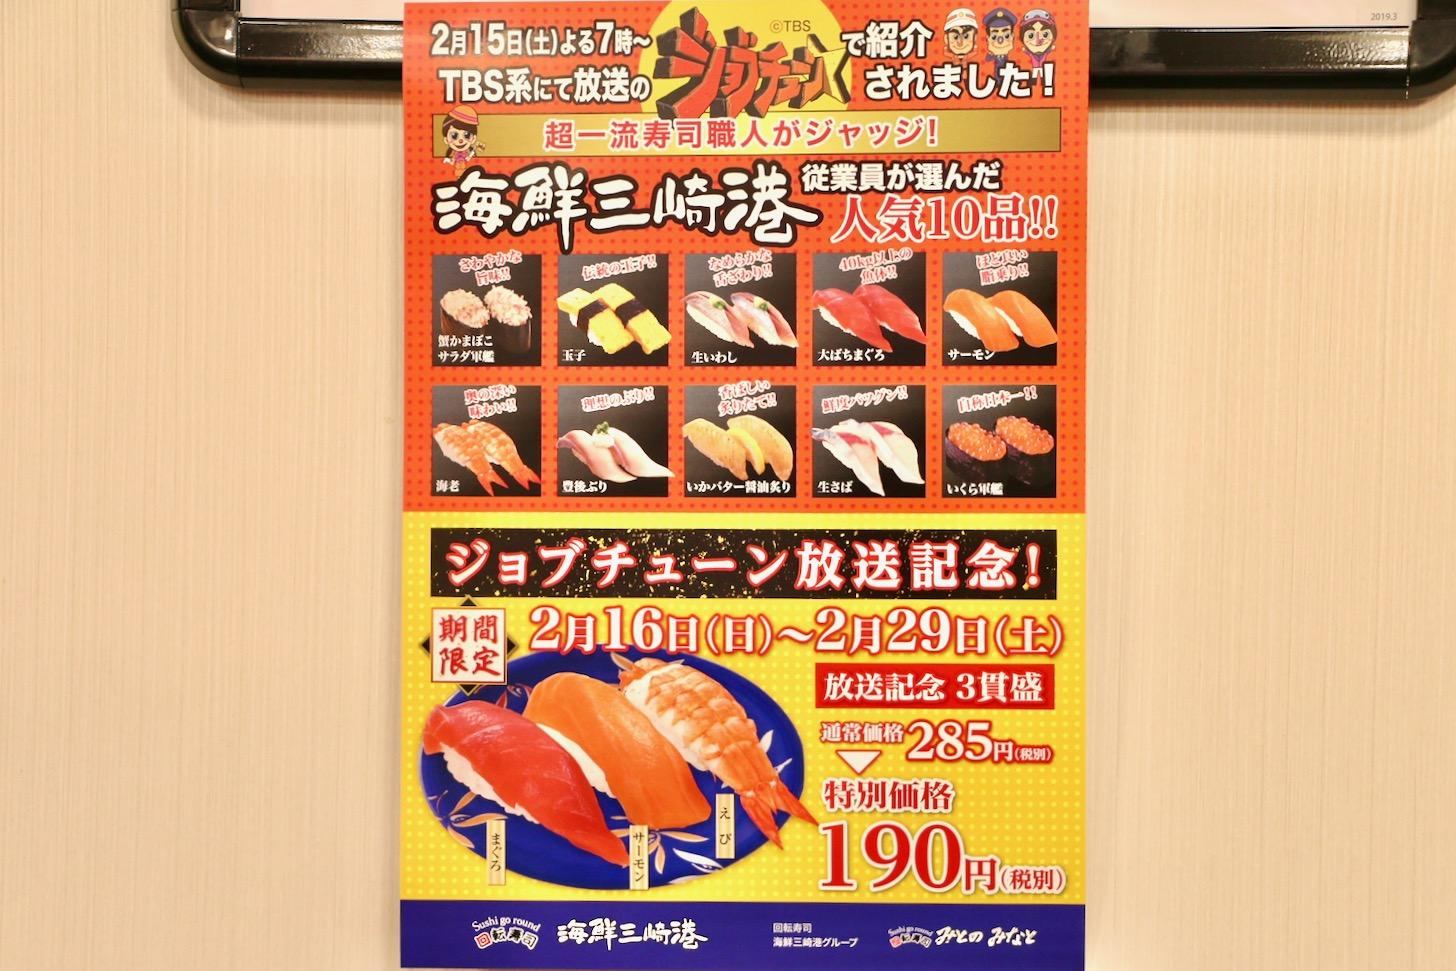 海鮮三崎港多摩センター店 TBS系「ジョブチューン」で紹介!従業員が選んだ人気の10品